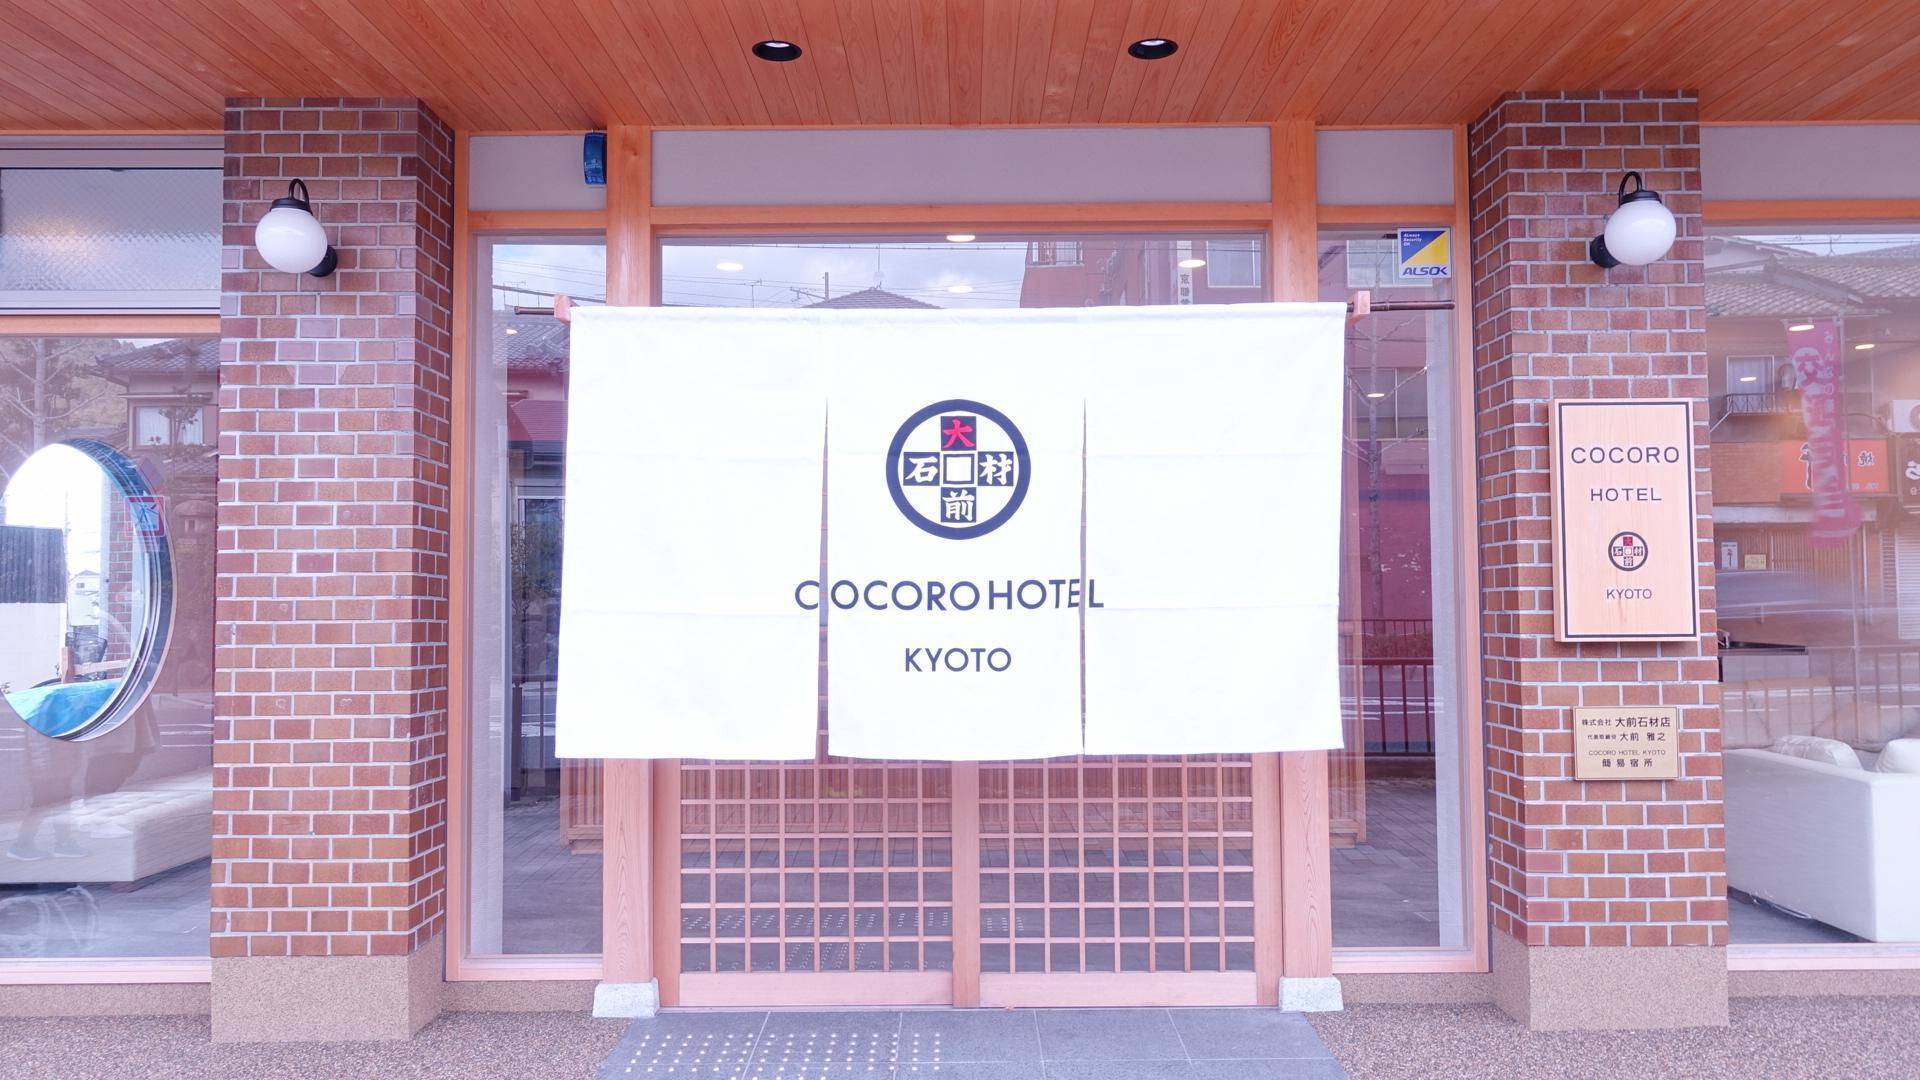 COCORO HOTEL KYOTO